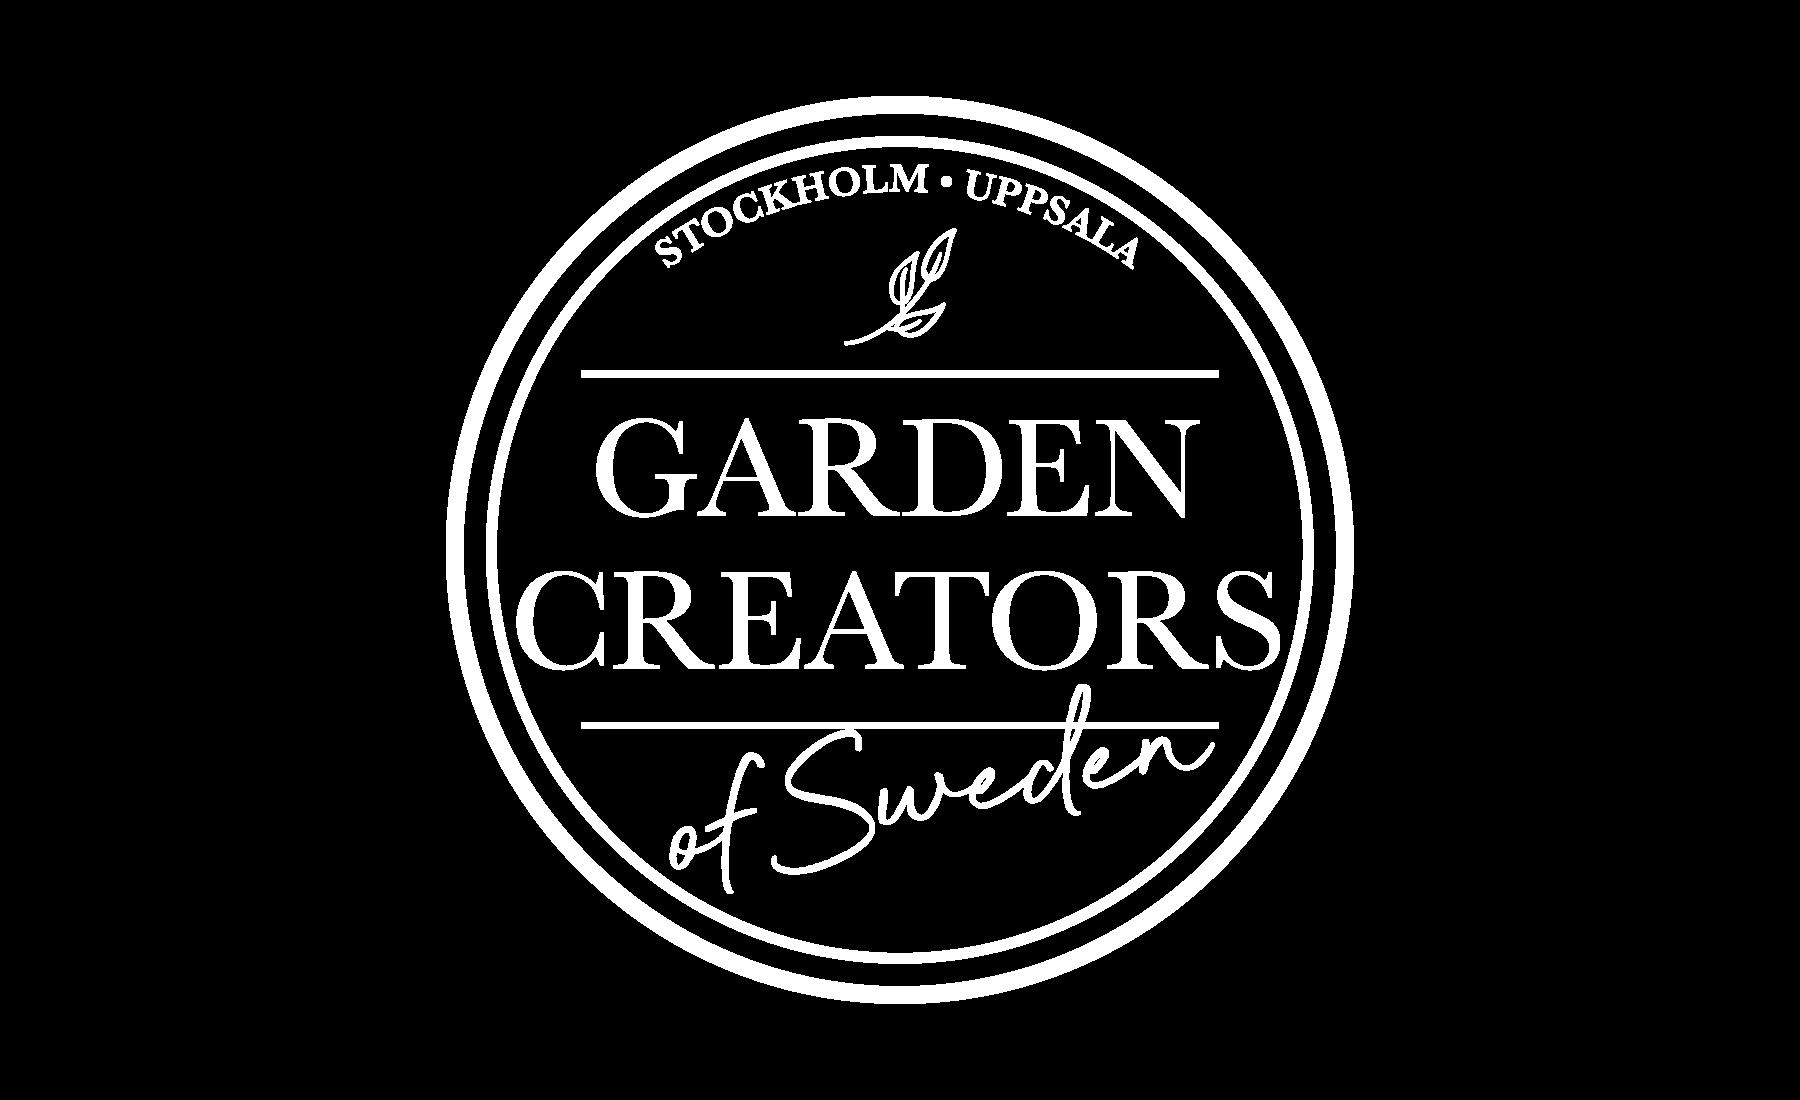 Garden Creators of Sweden